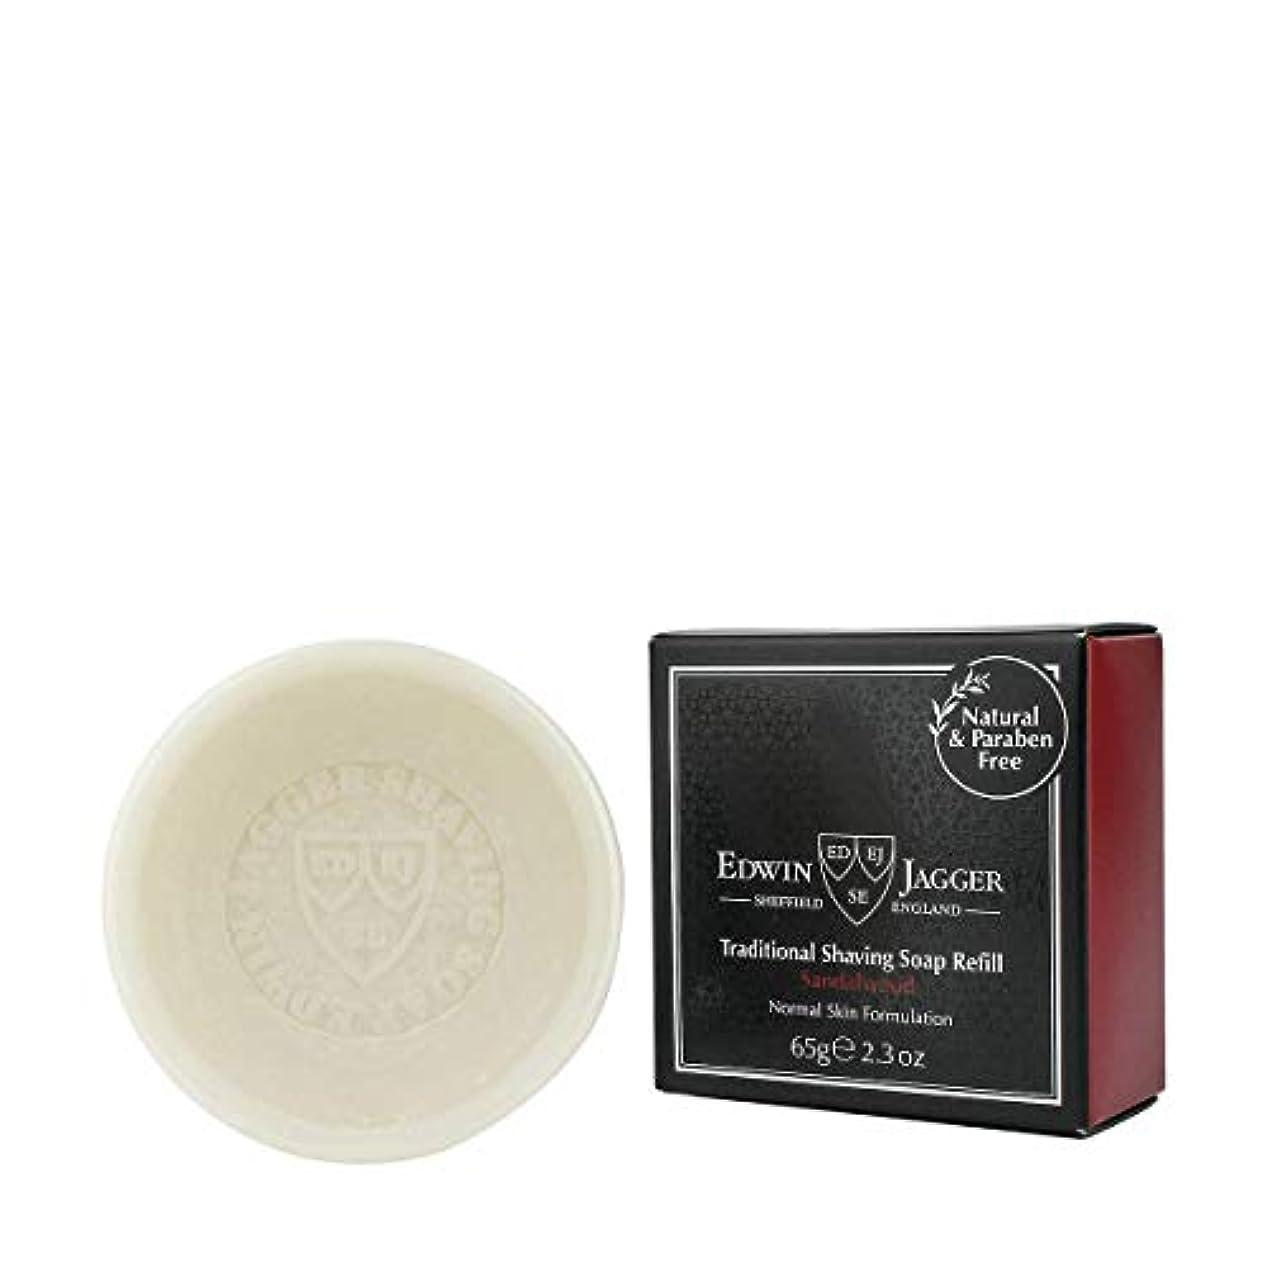 十分です祝福妻エドウィンジャガー トラディショナルシェービングソープ 詰め替え サンダルウッド65g[海外直送品]Edwin Jagger Traditional Shaving Soap Refill Sandalwood 65g...